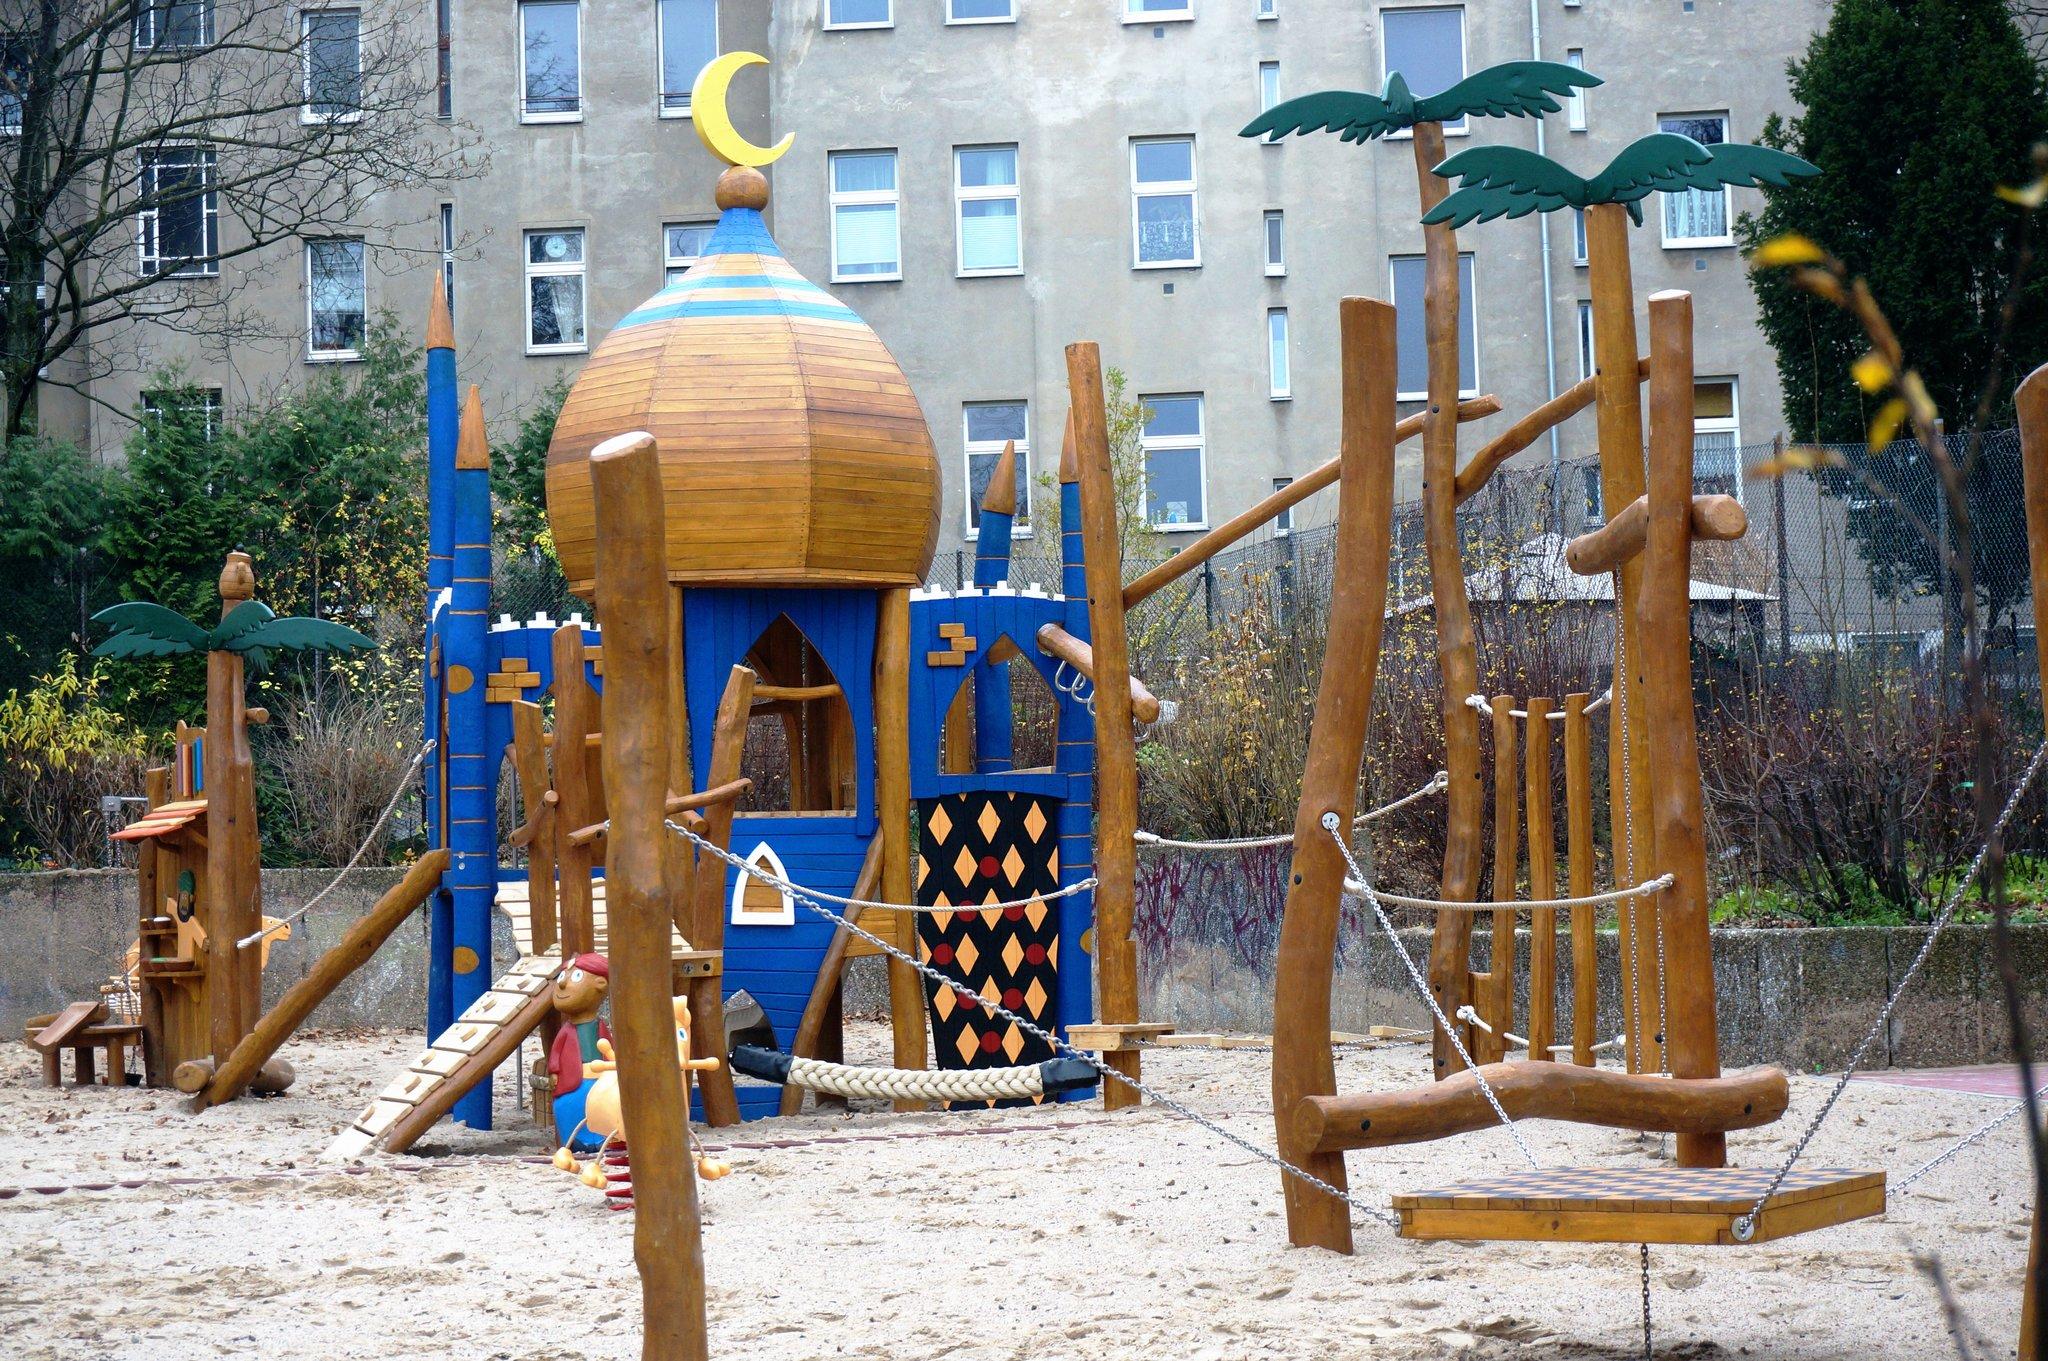 Der Streit Um Die Mondsichel Spielplatz An Der Walterstraße